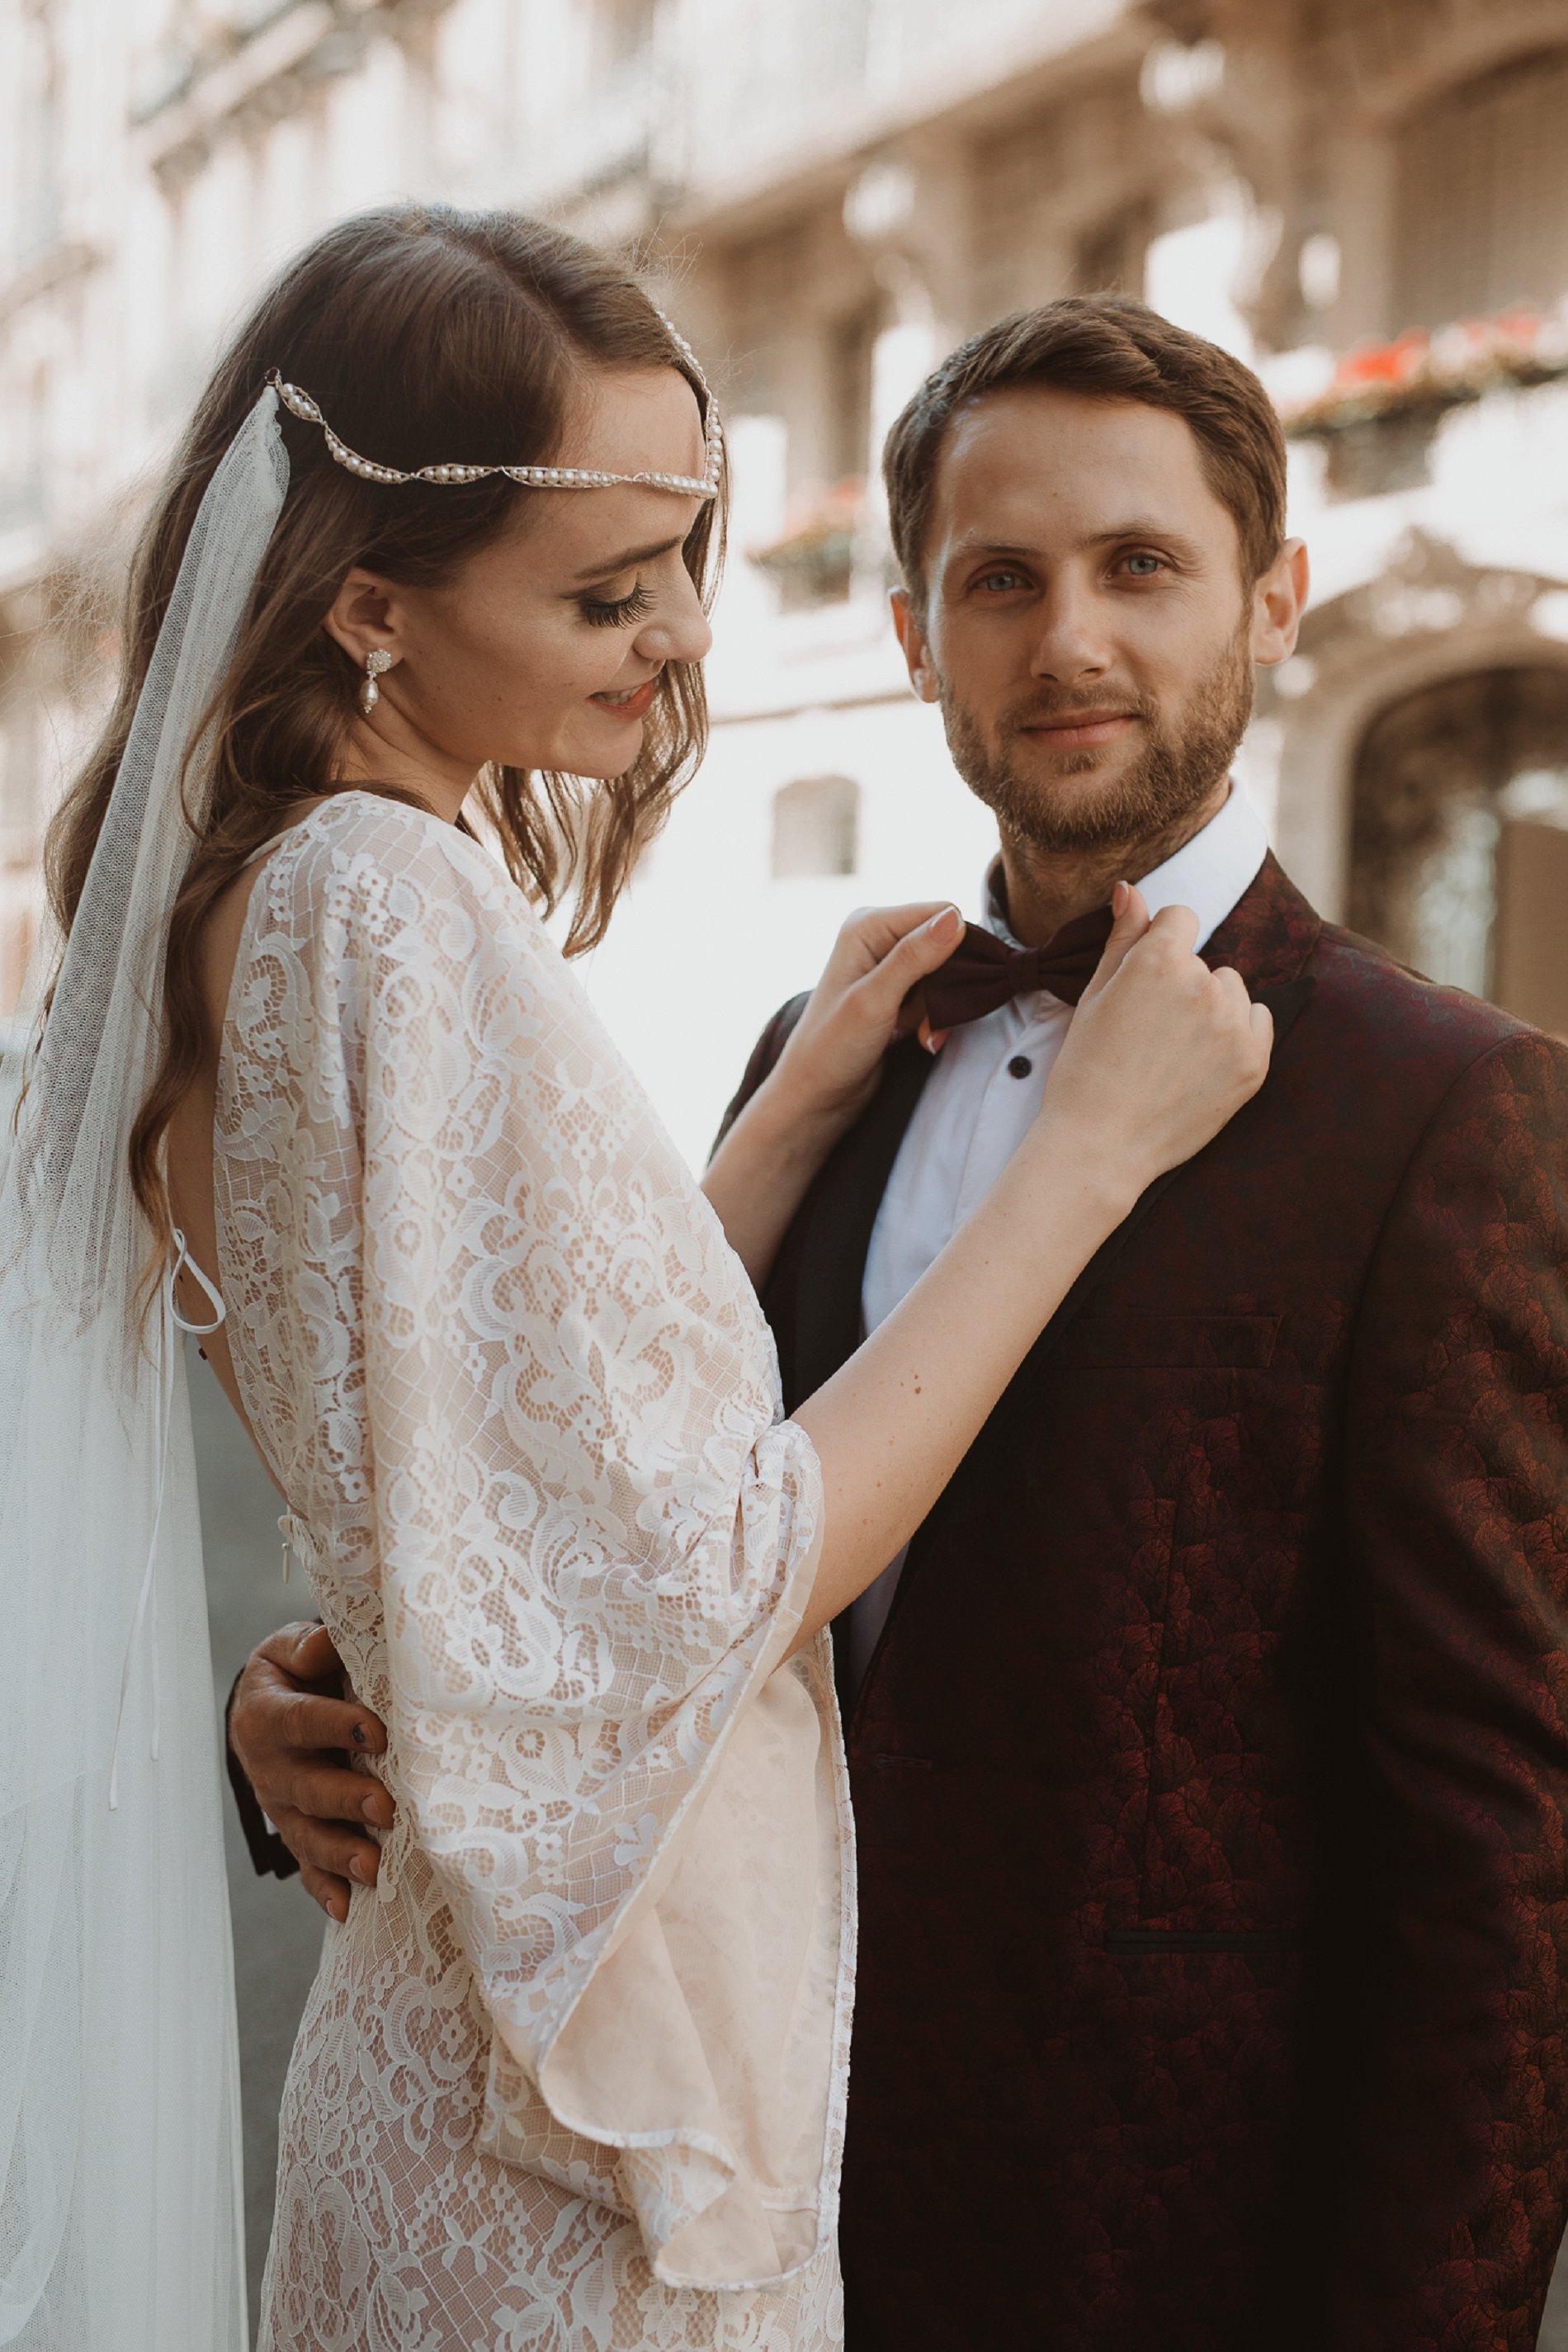 Miss He Bridal Romantic Paris Elopement (c) Xanthe Rowland Photography (5)